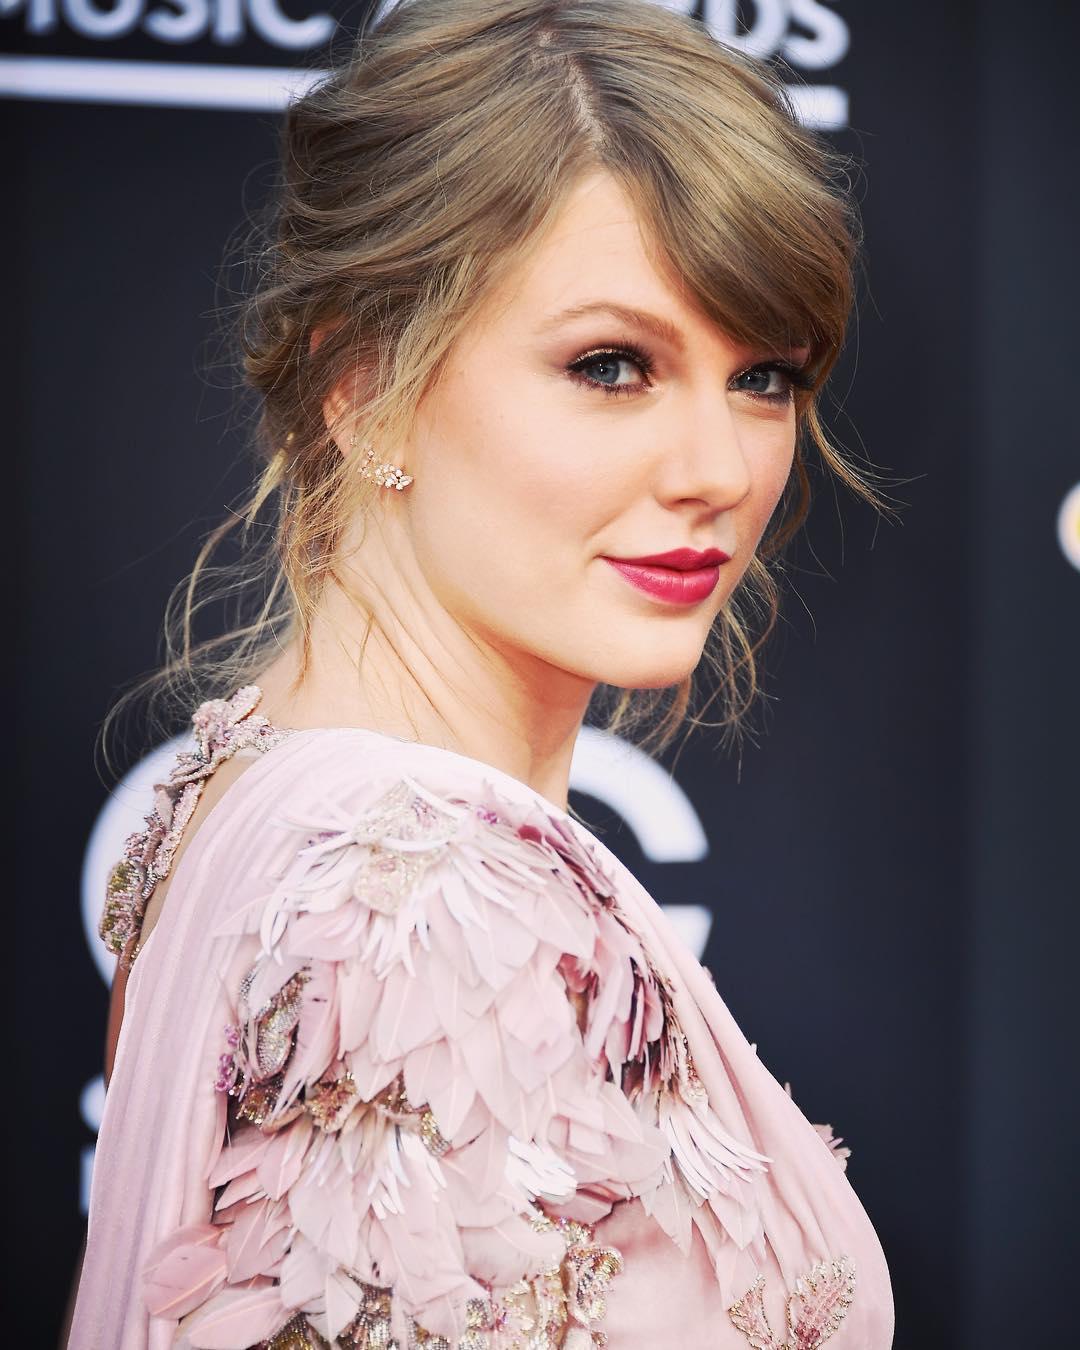 Dünyaca ünlü başarılı şarkıcı Taylor Swift'in en güzel instagram paylaşımlarını HD olarak görüntülemek için buraya tıklayın. En seksi yabancı ünlü kadınlar.